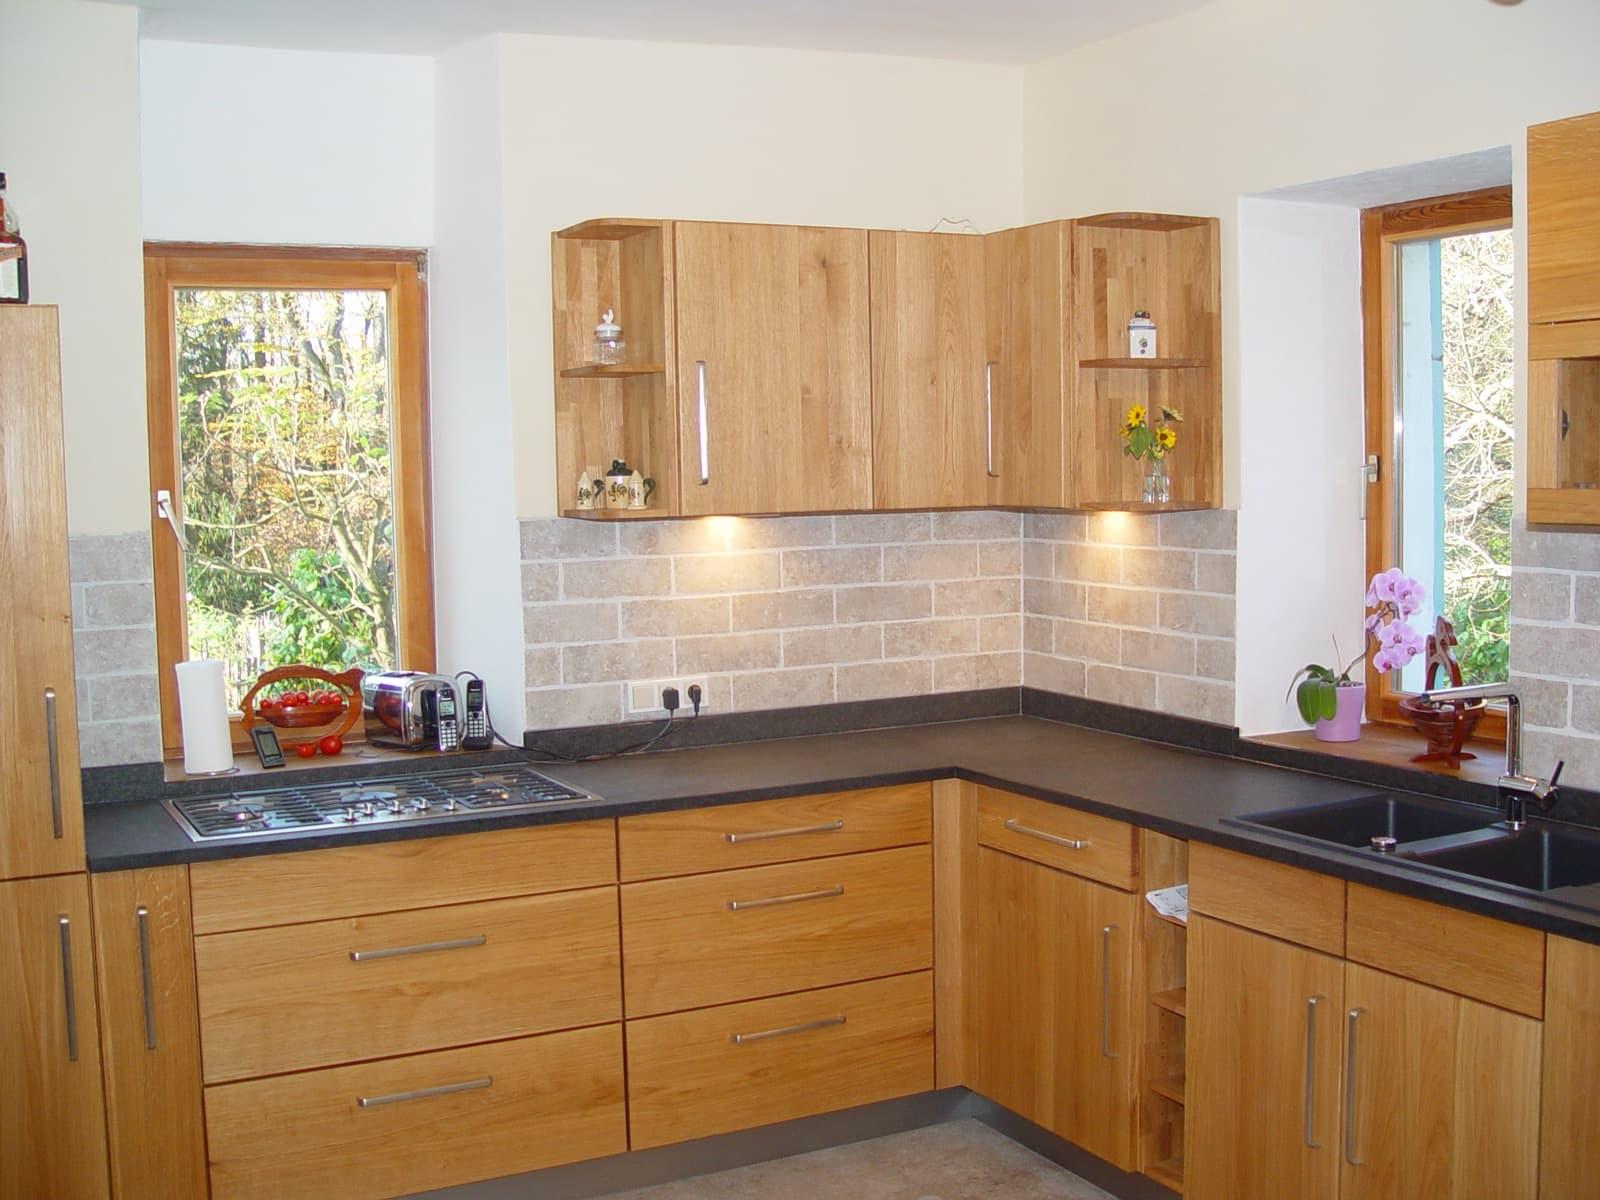 Massivholzküche in Eiche Wildholz mit Granit-Arbeitsplatte